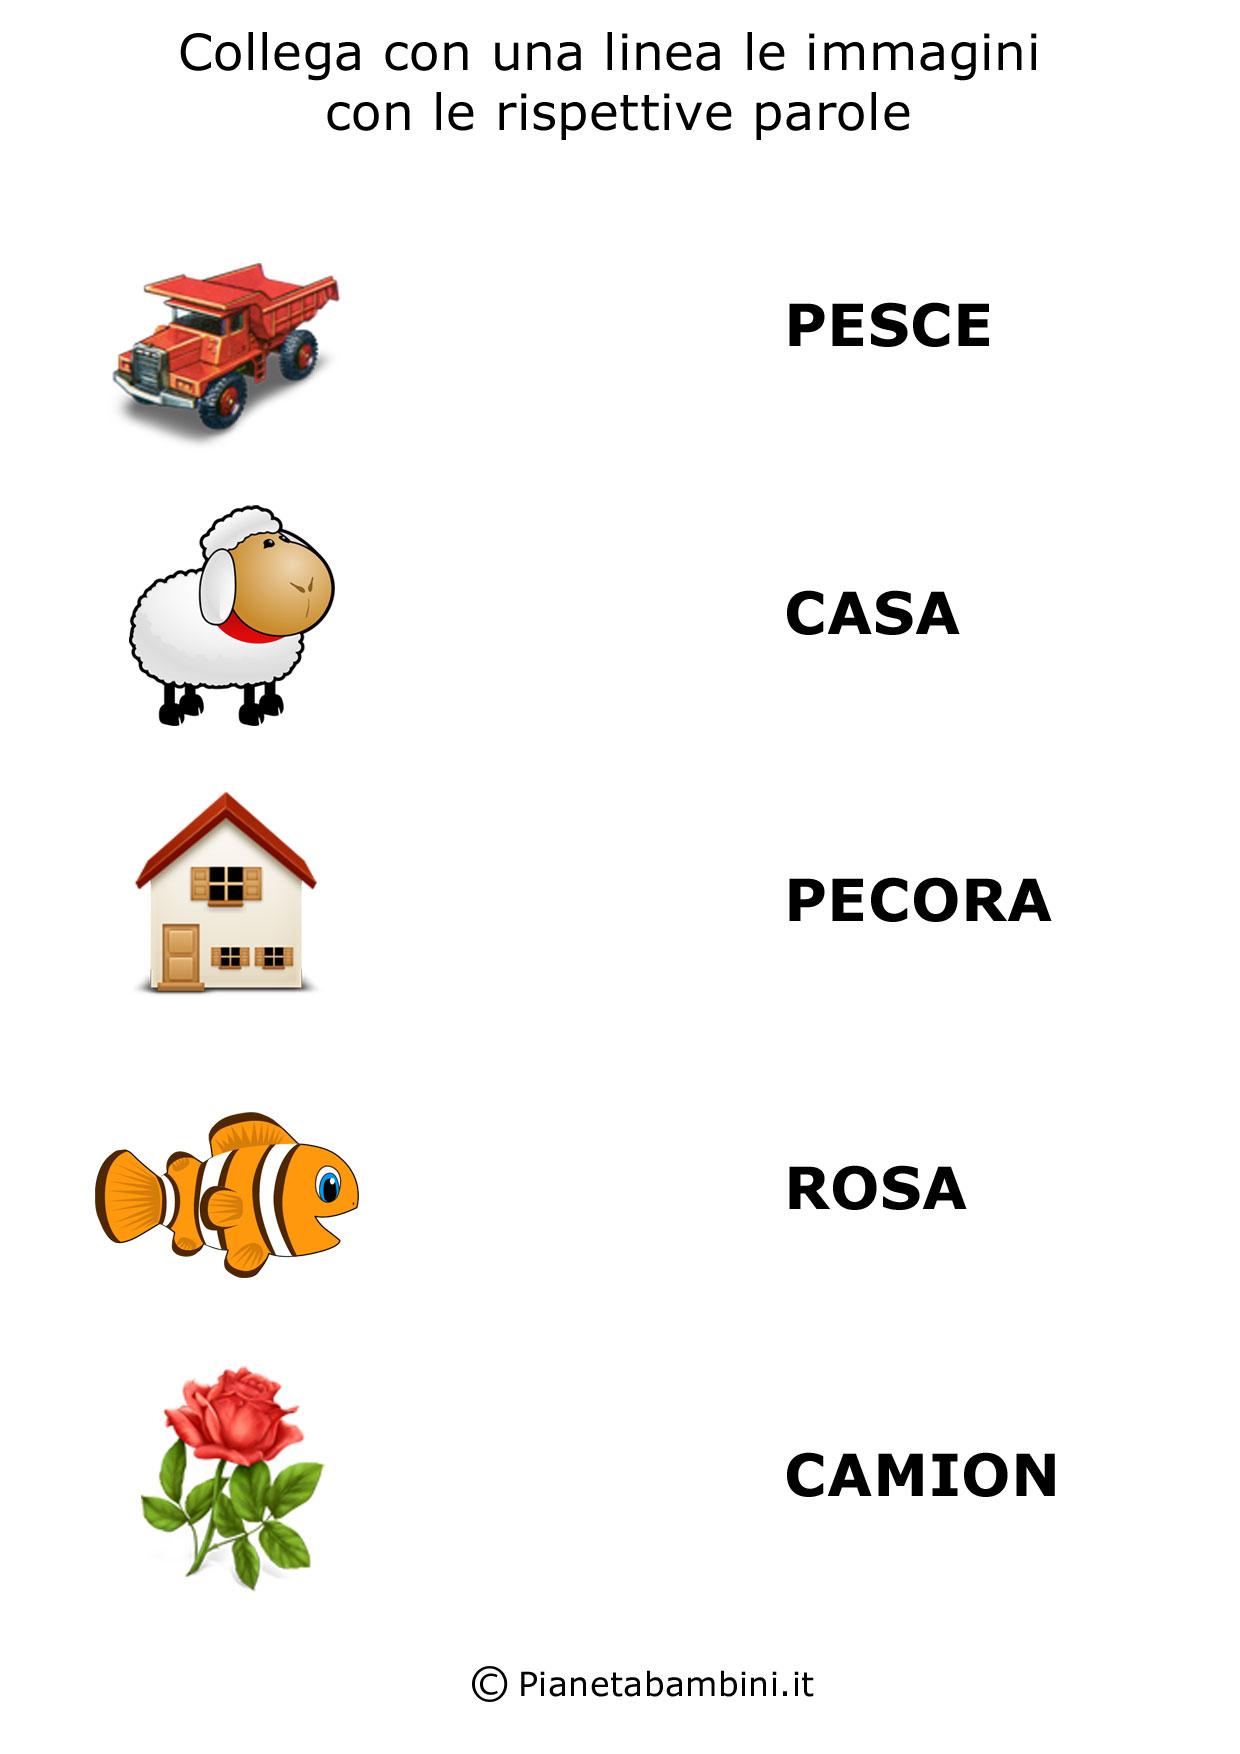 Collega-Parole-Immagini_03